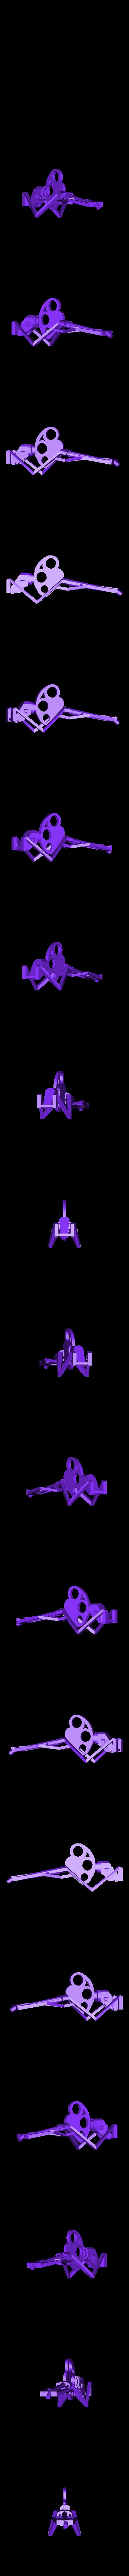 Bisj_mother_3.stl Download free STL file Bisj : Motherhood • 3D printable model, Slagerqod